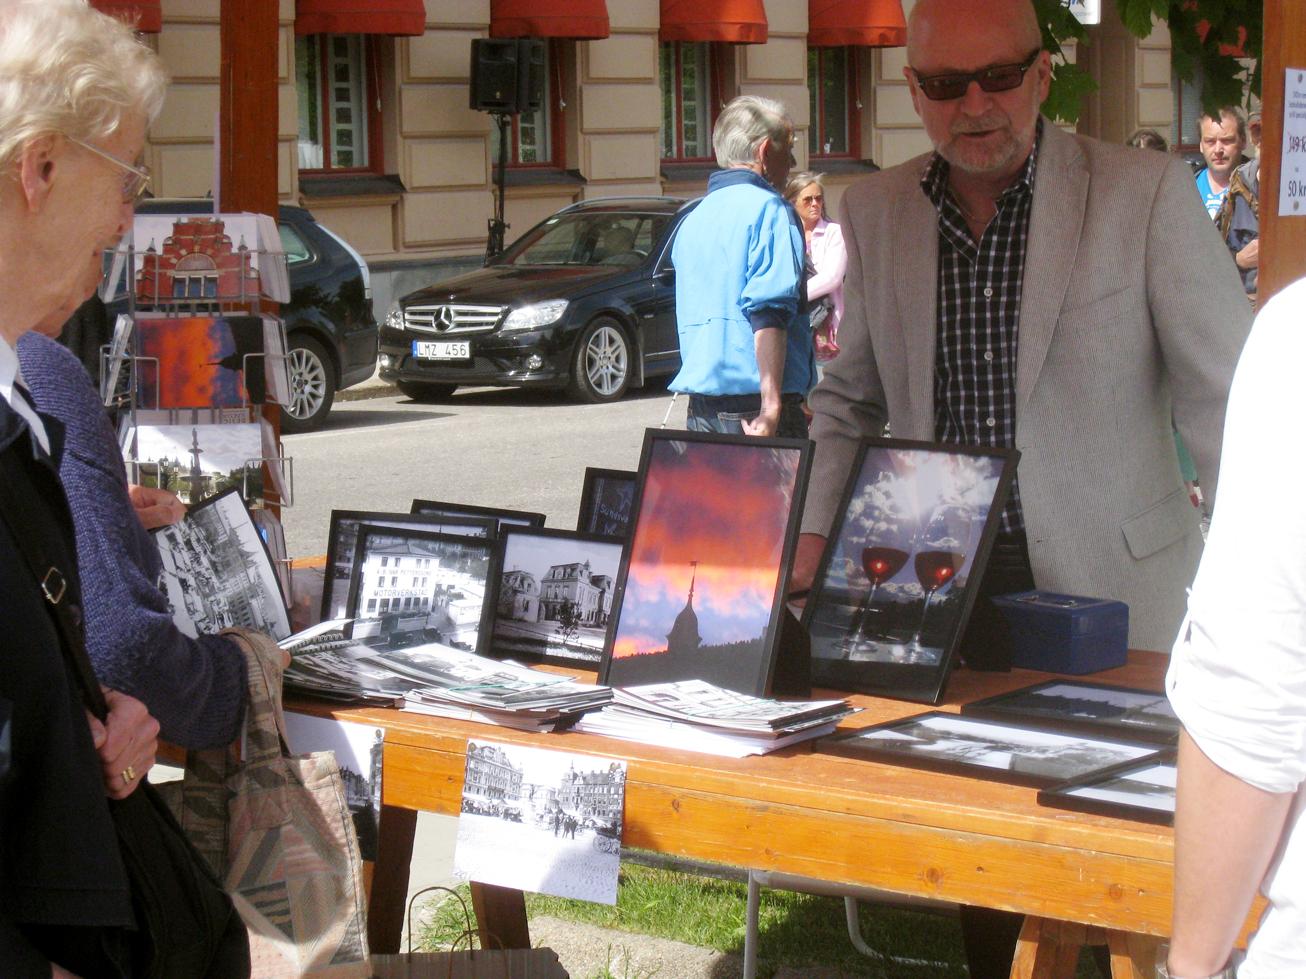 Kollektionen innehåller bilder från 1889 - 1940-talet, samt nytagna bilder från i huvudsak centrala Sundsvall.